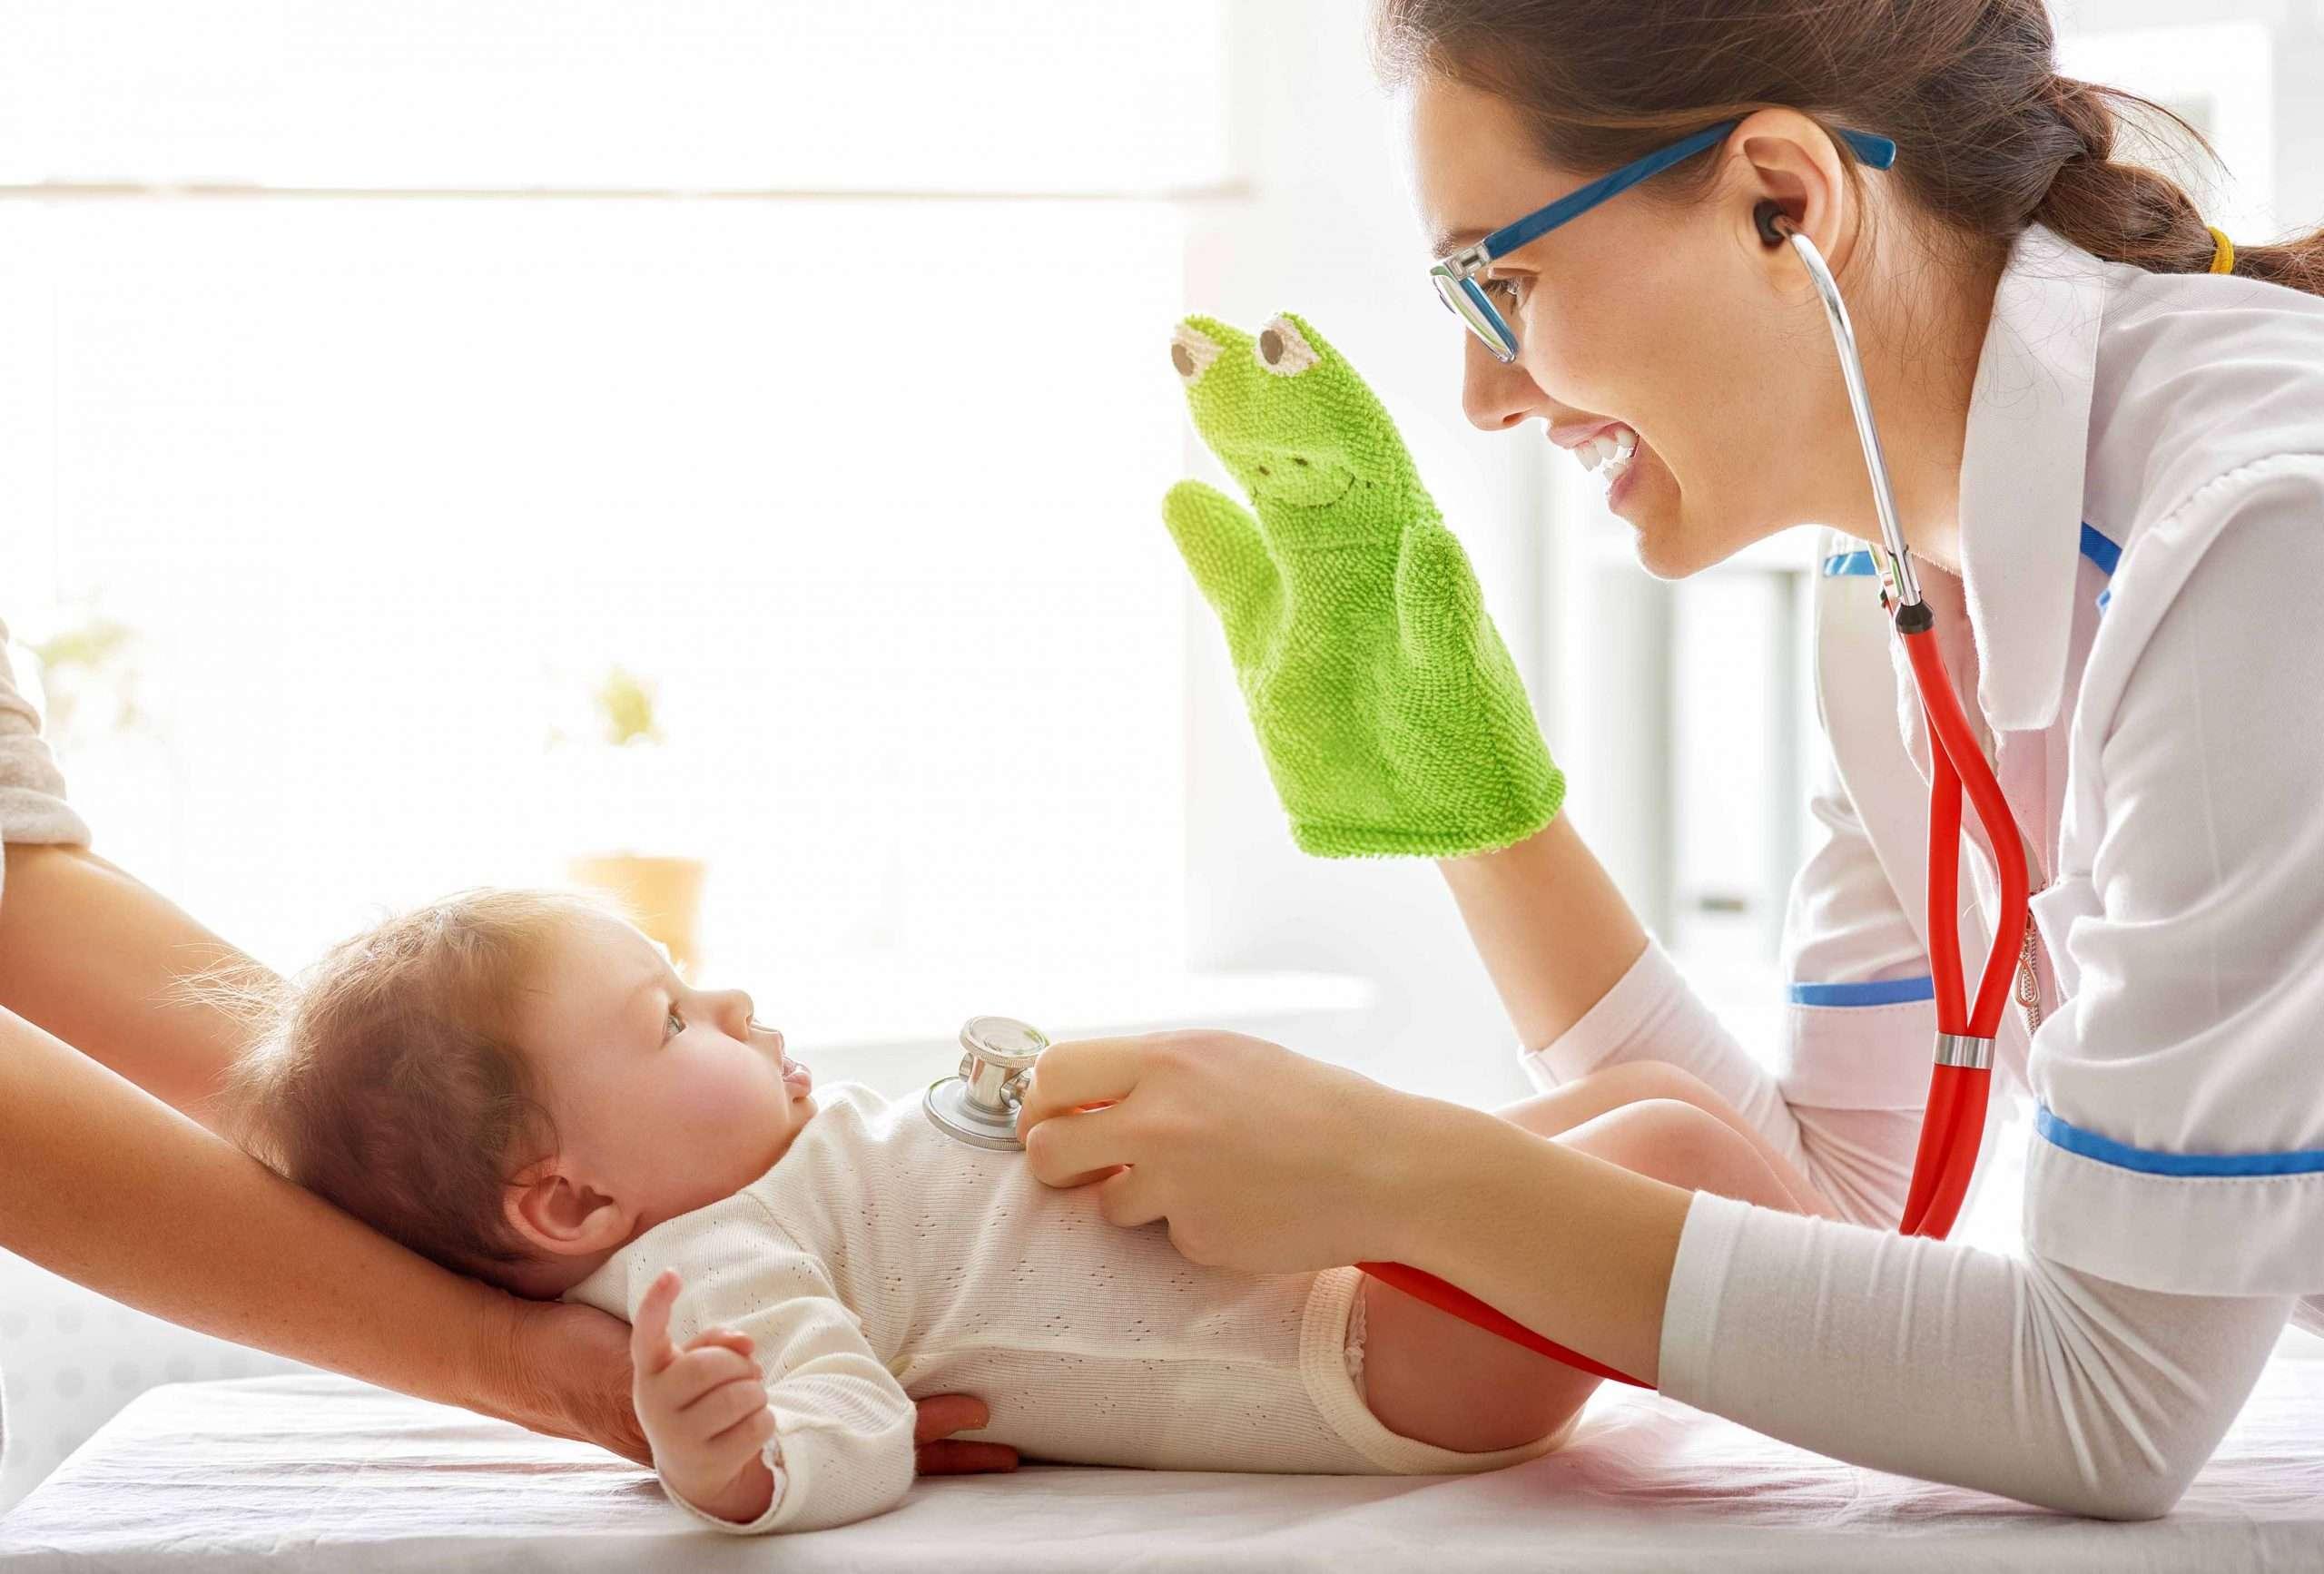 Consulto pediatra